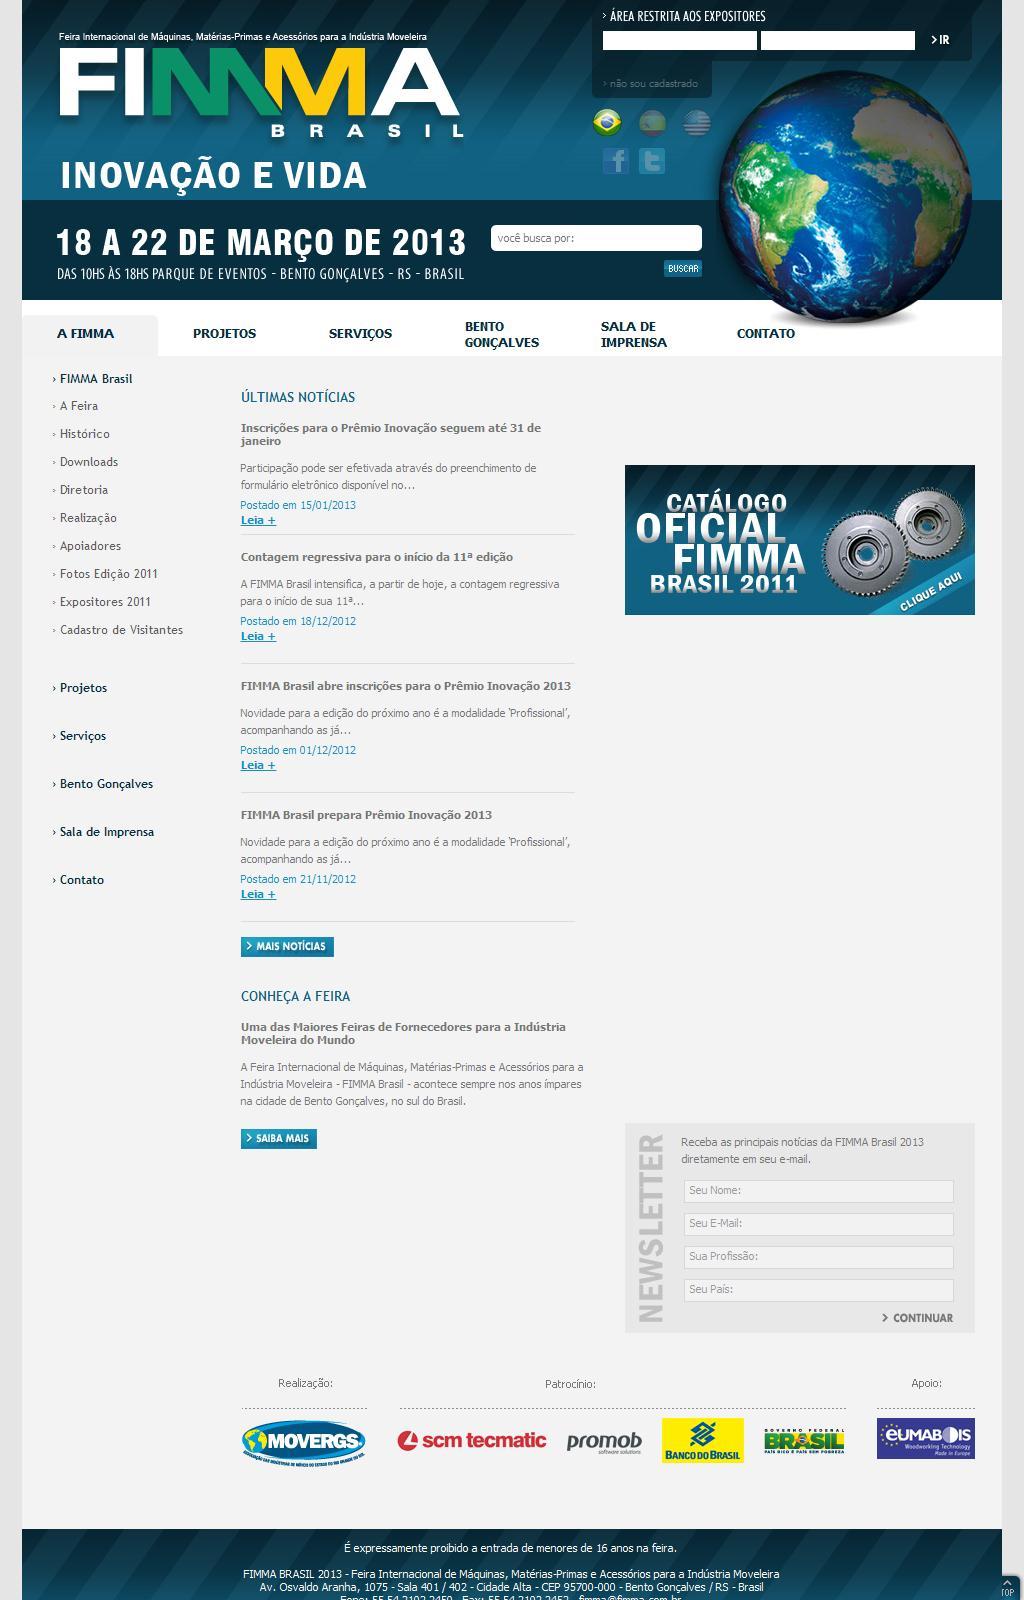 Fimma Brasil 2013 / Página Inicial